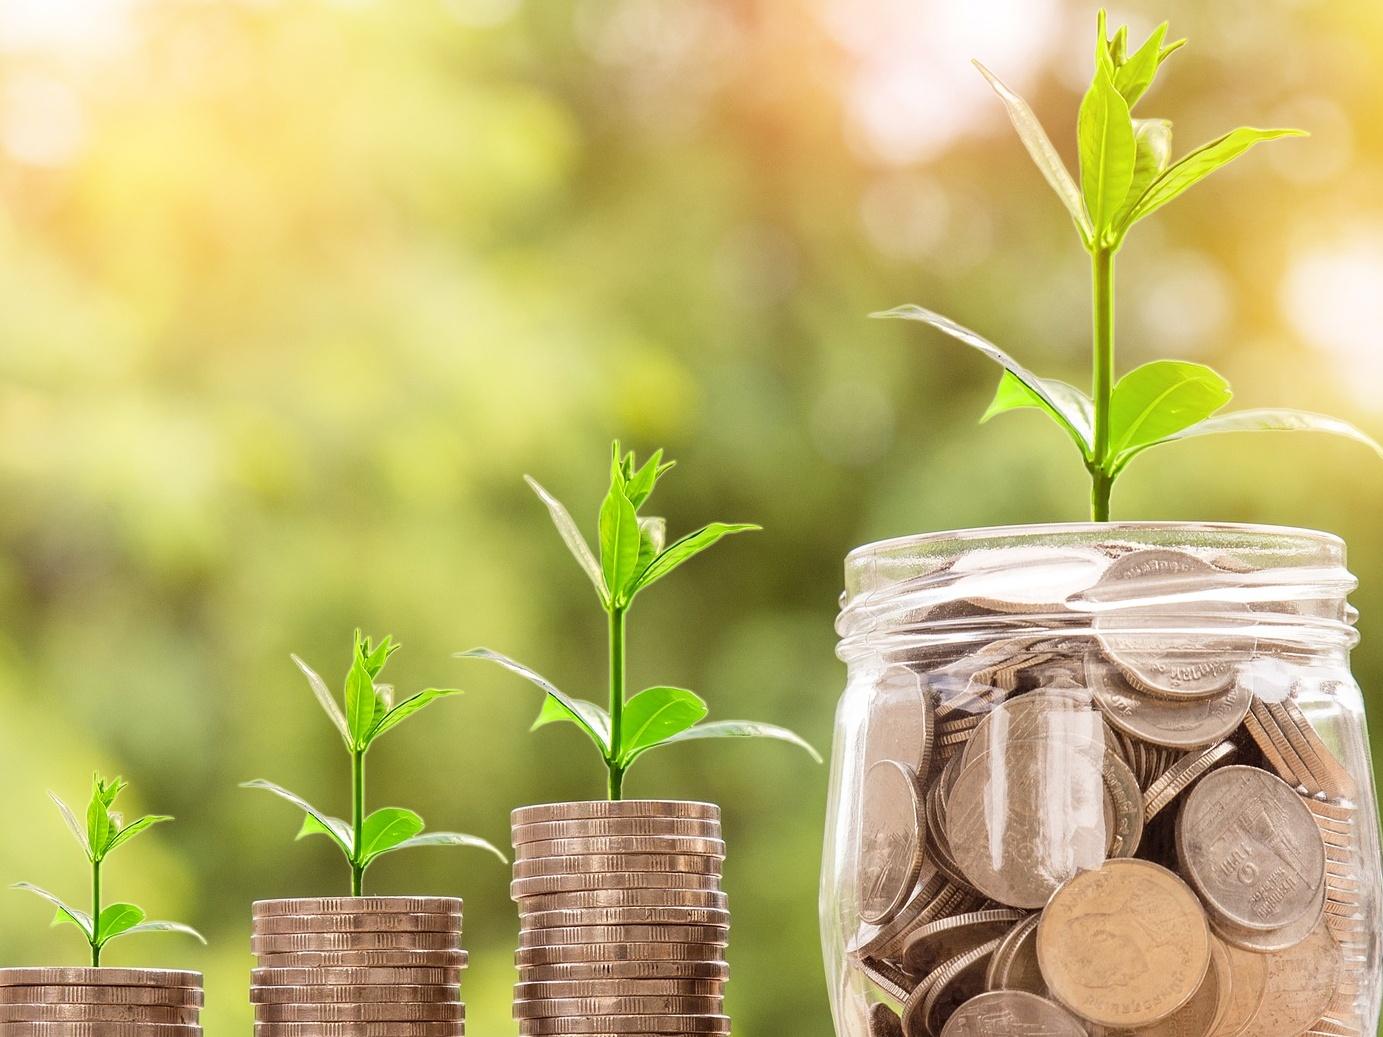 The top five MENA venture capital deals in Q2 2019